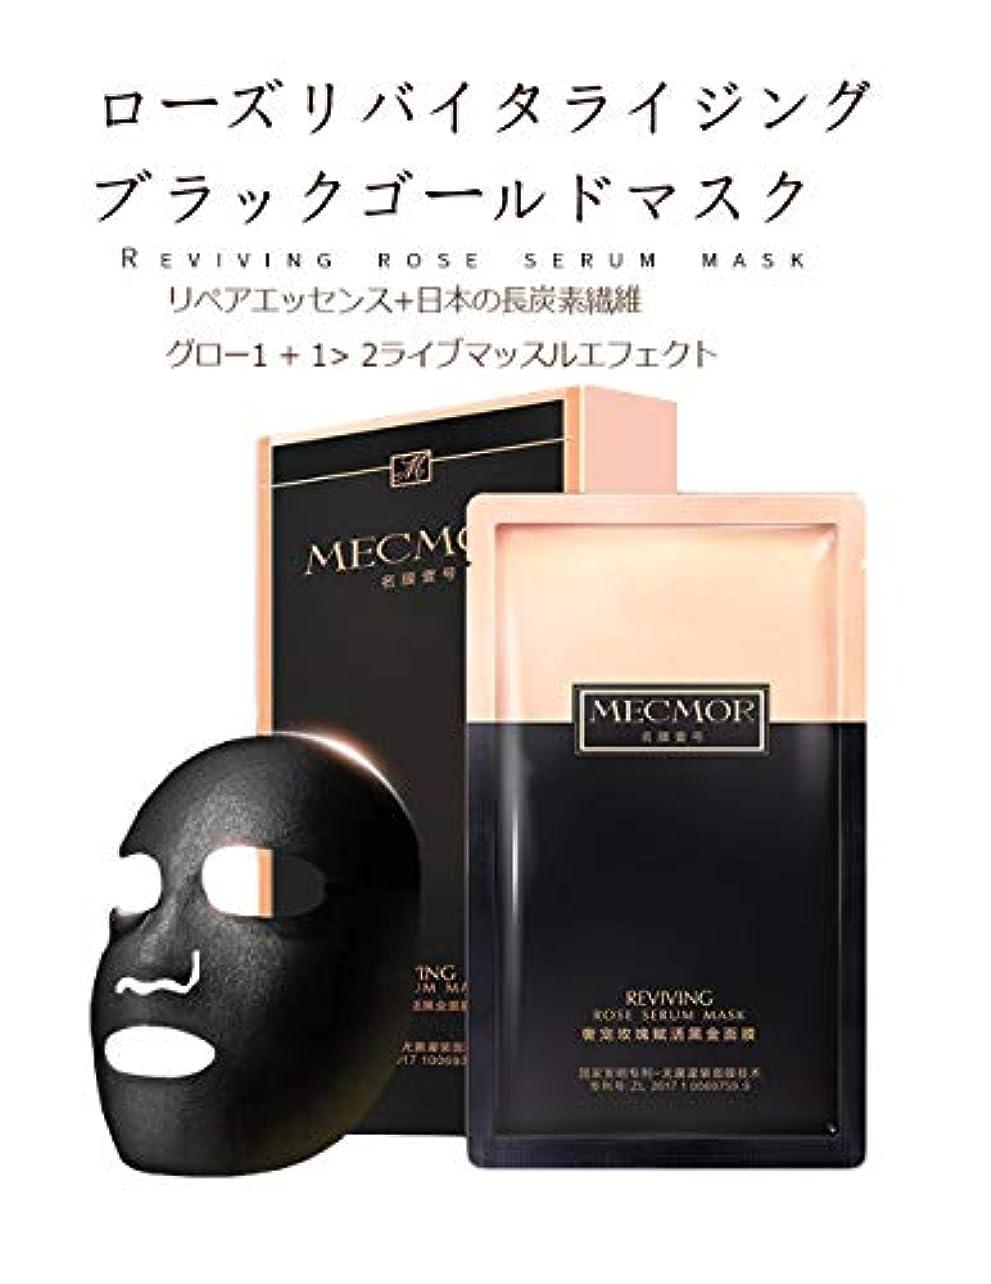 統合する光電礼儀MECMORローズブラックゴールドマスク、化学添加物なしエッセンスホワイトニング、引き締め肌、アンチエイジングダブルイレブンは活動に従事し(各アカウントは1つに制限されています)